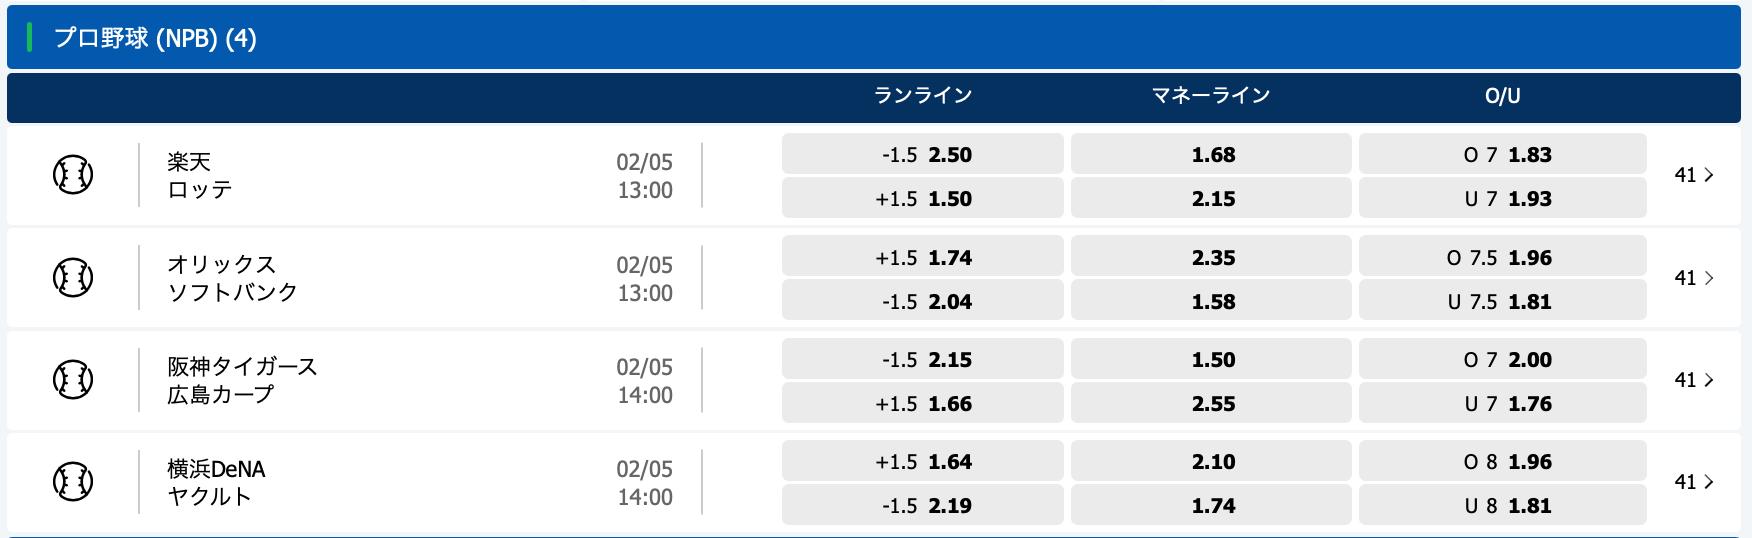 2021年5月2日プロ野球オッズ・10bet Japan